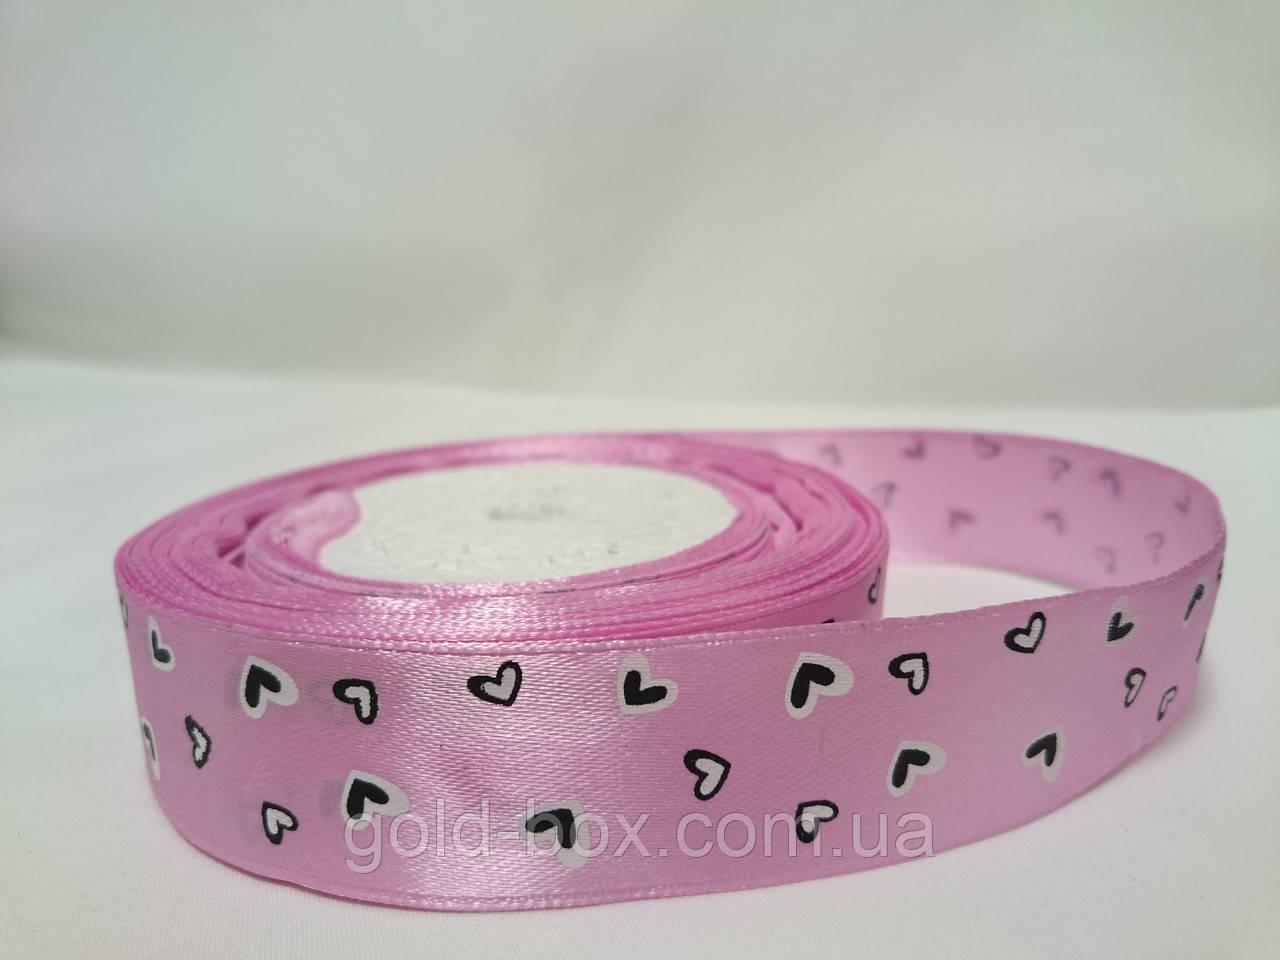 Атласная лента с рисунком 2,5см розовая с сердечками